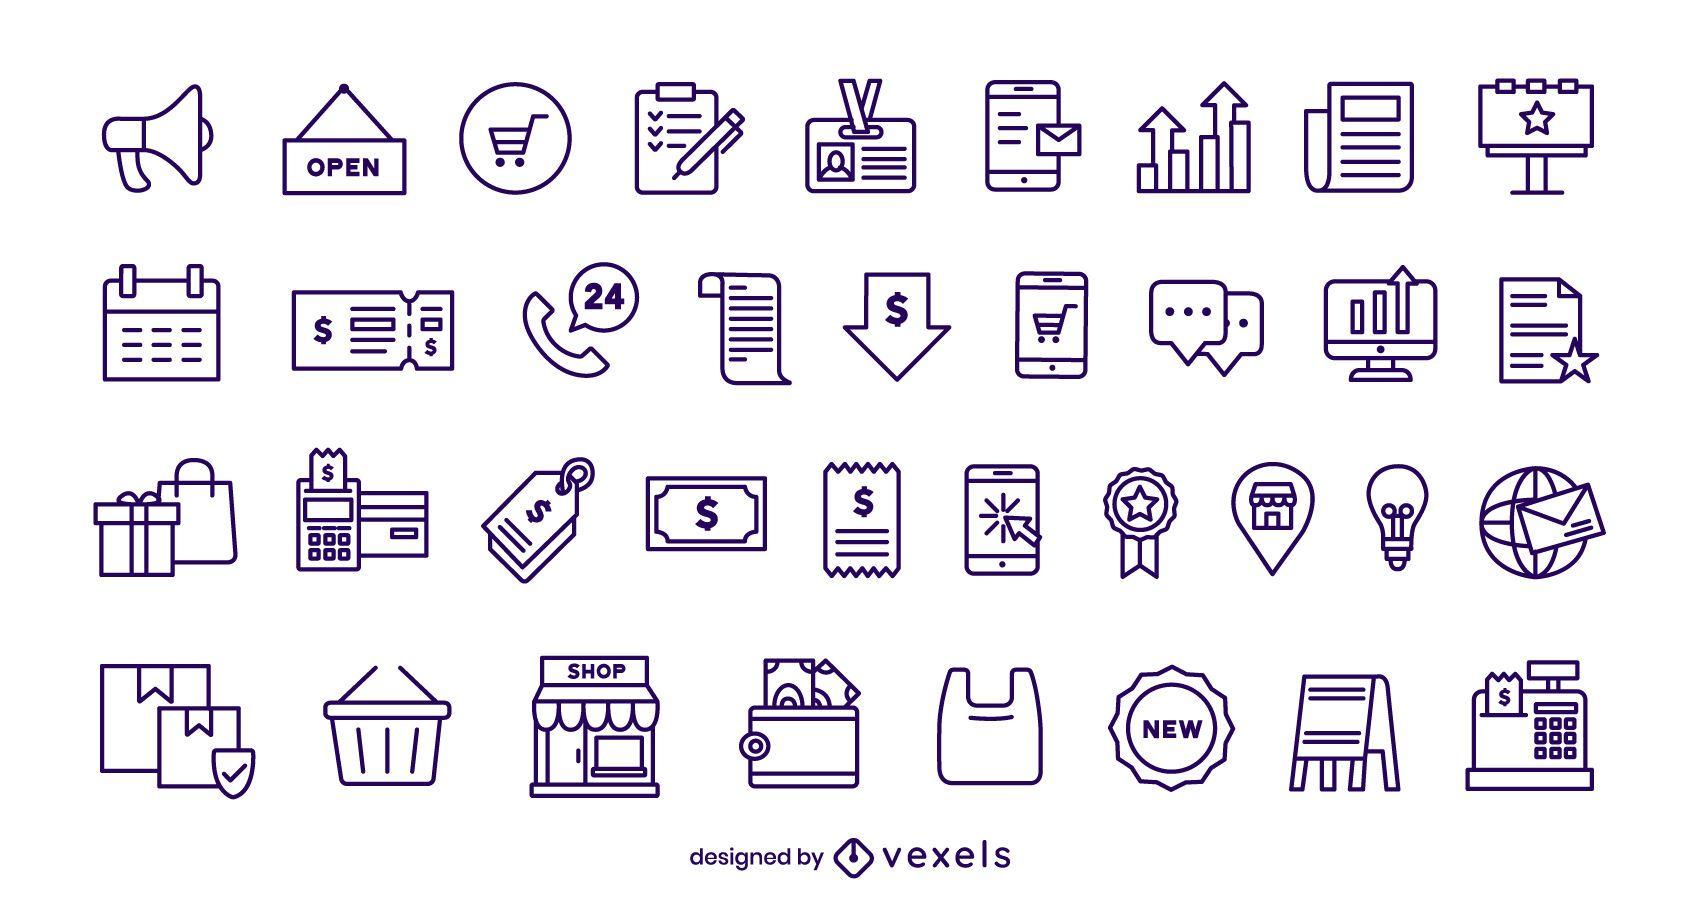 Conjunto de ícones de traços de negócios e comércio